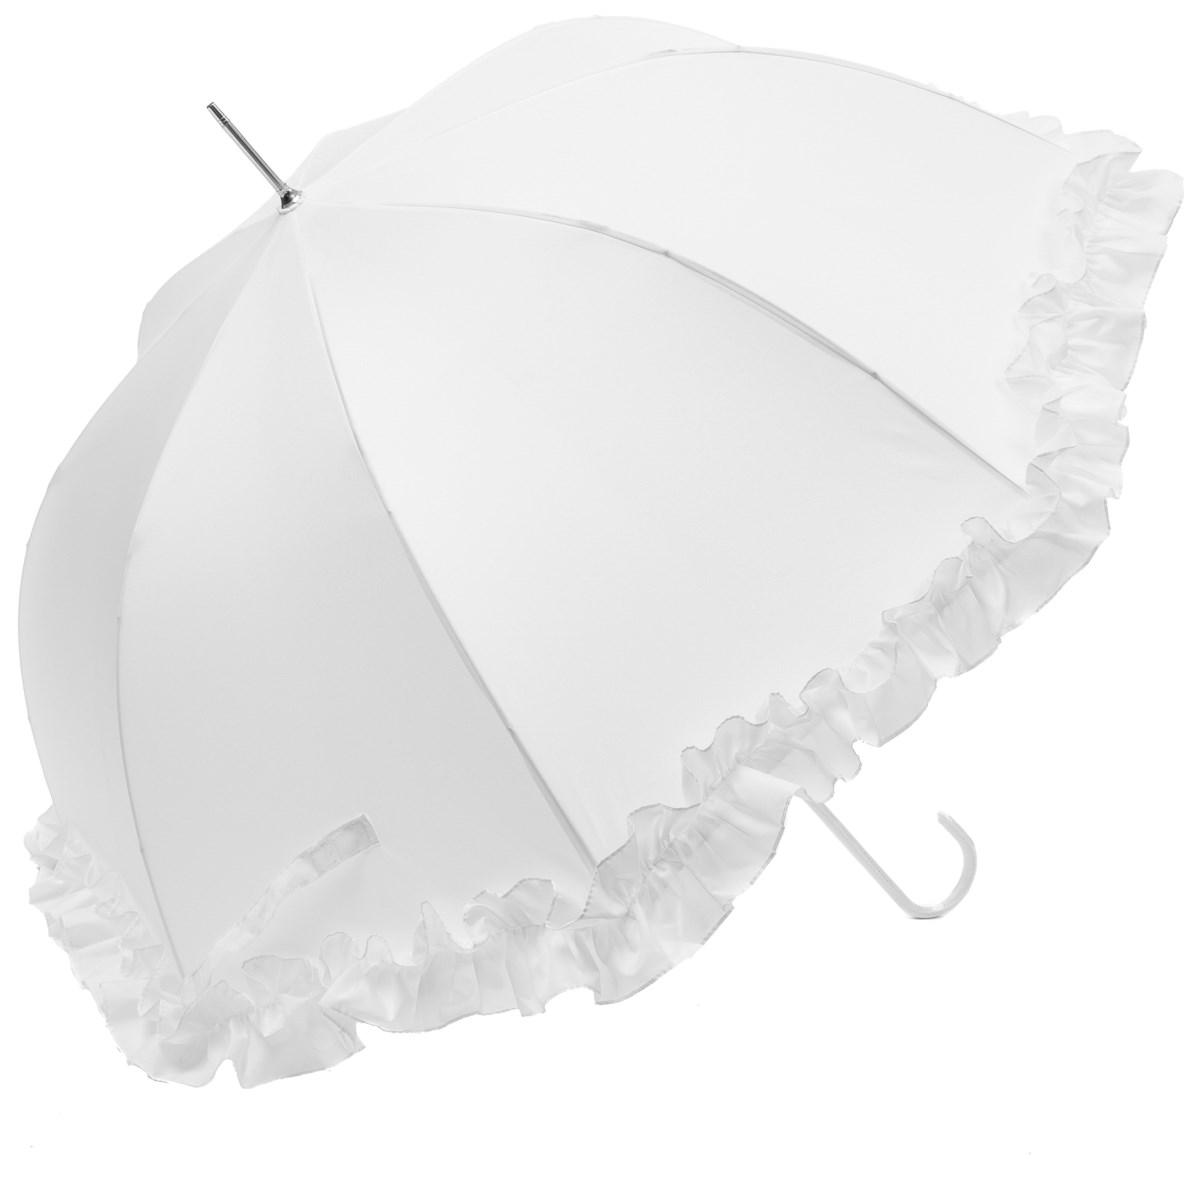 3a700205c743b Wedding Umbrella Manufacturer, Import White Umbrella Parasols In ...